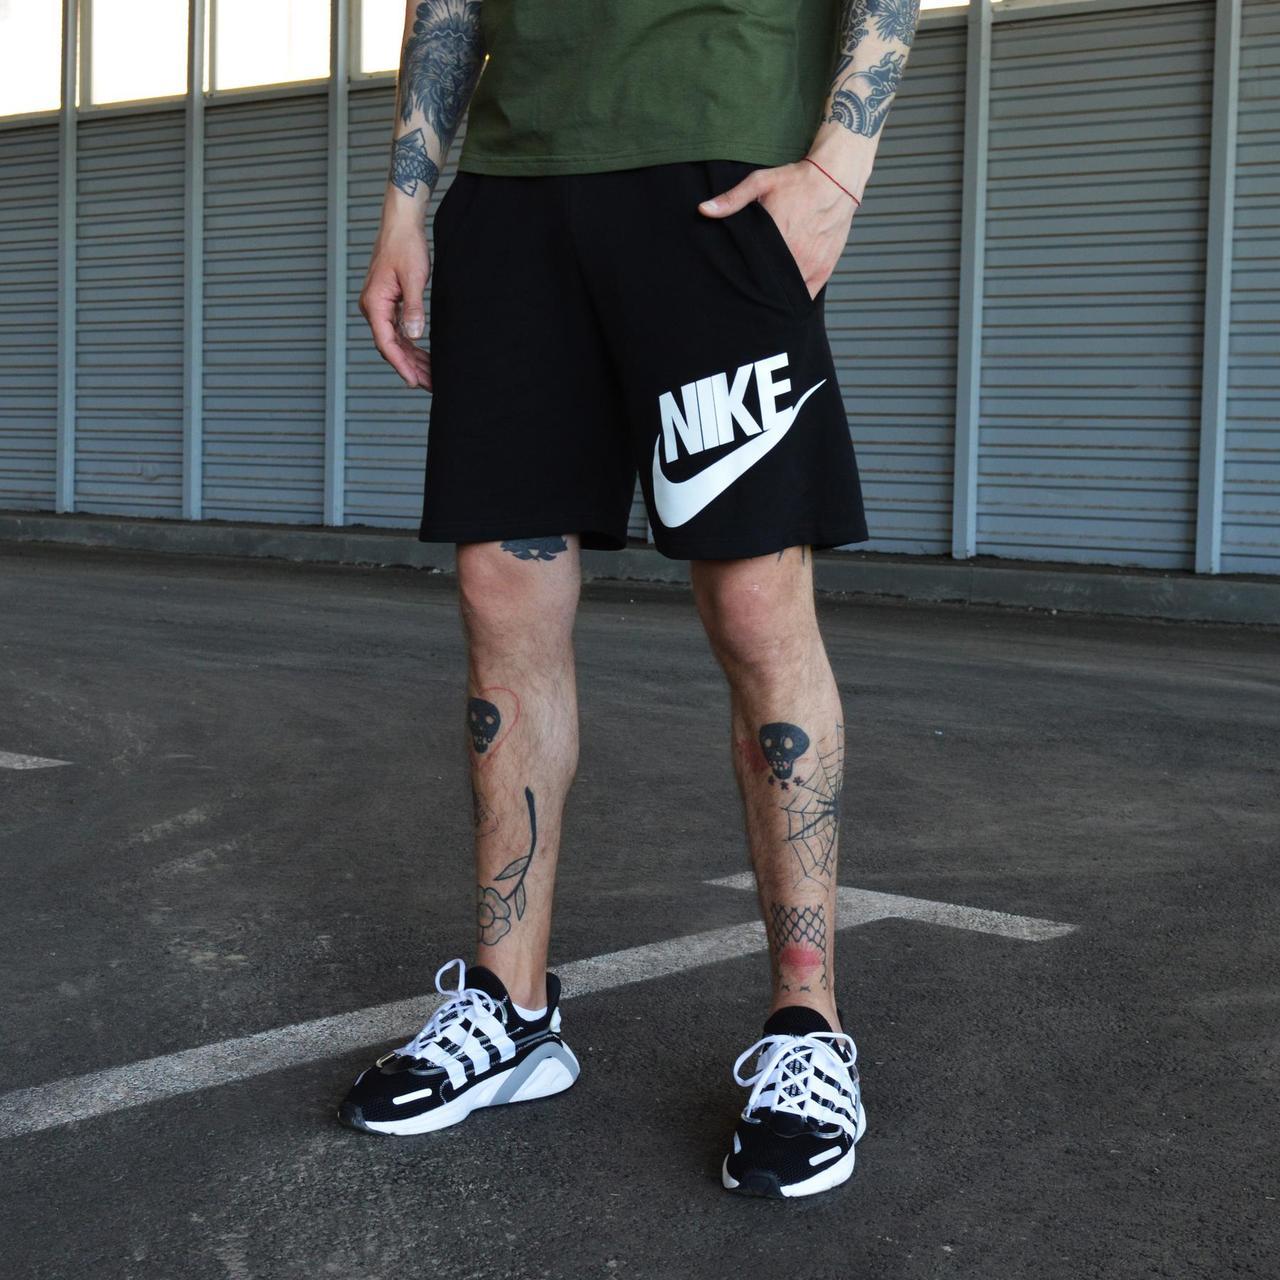 Шорты мужские Nike черного цвета. Мужские шорты Эир Найк черные. Летние мужские черные шорты.